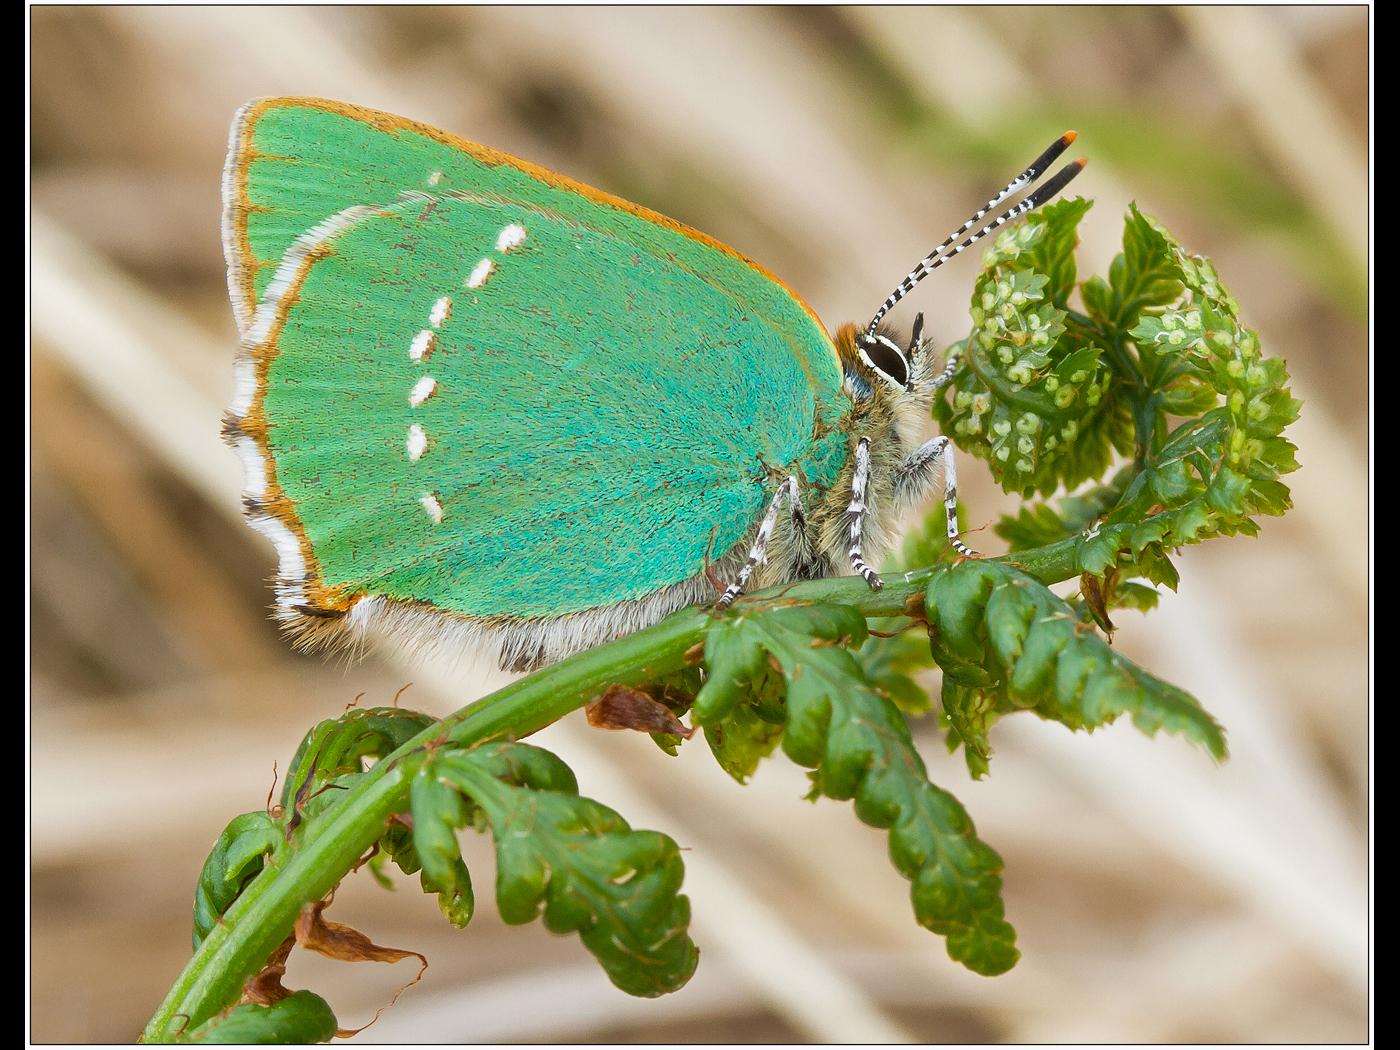 Green Streak Butterfly